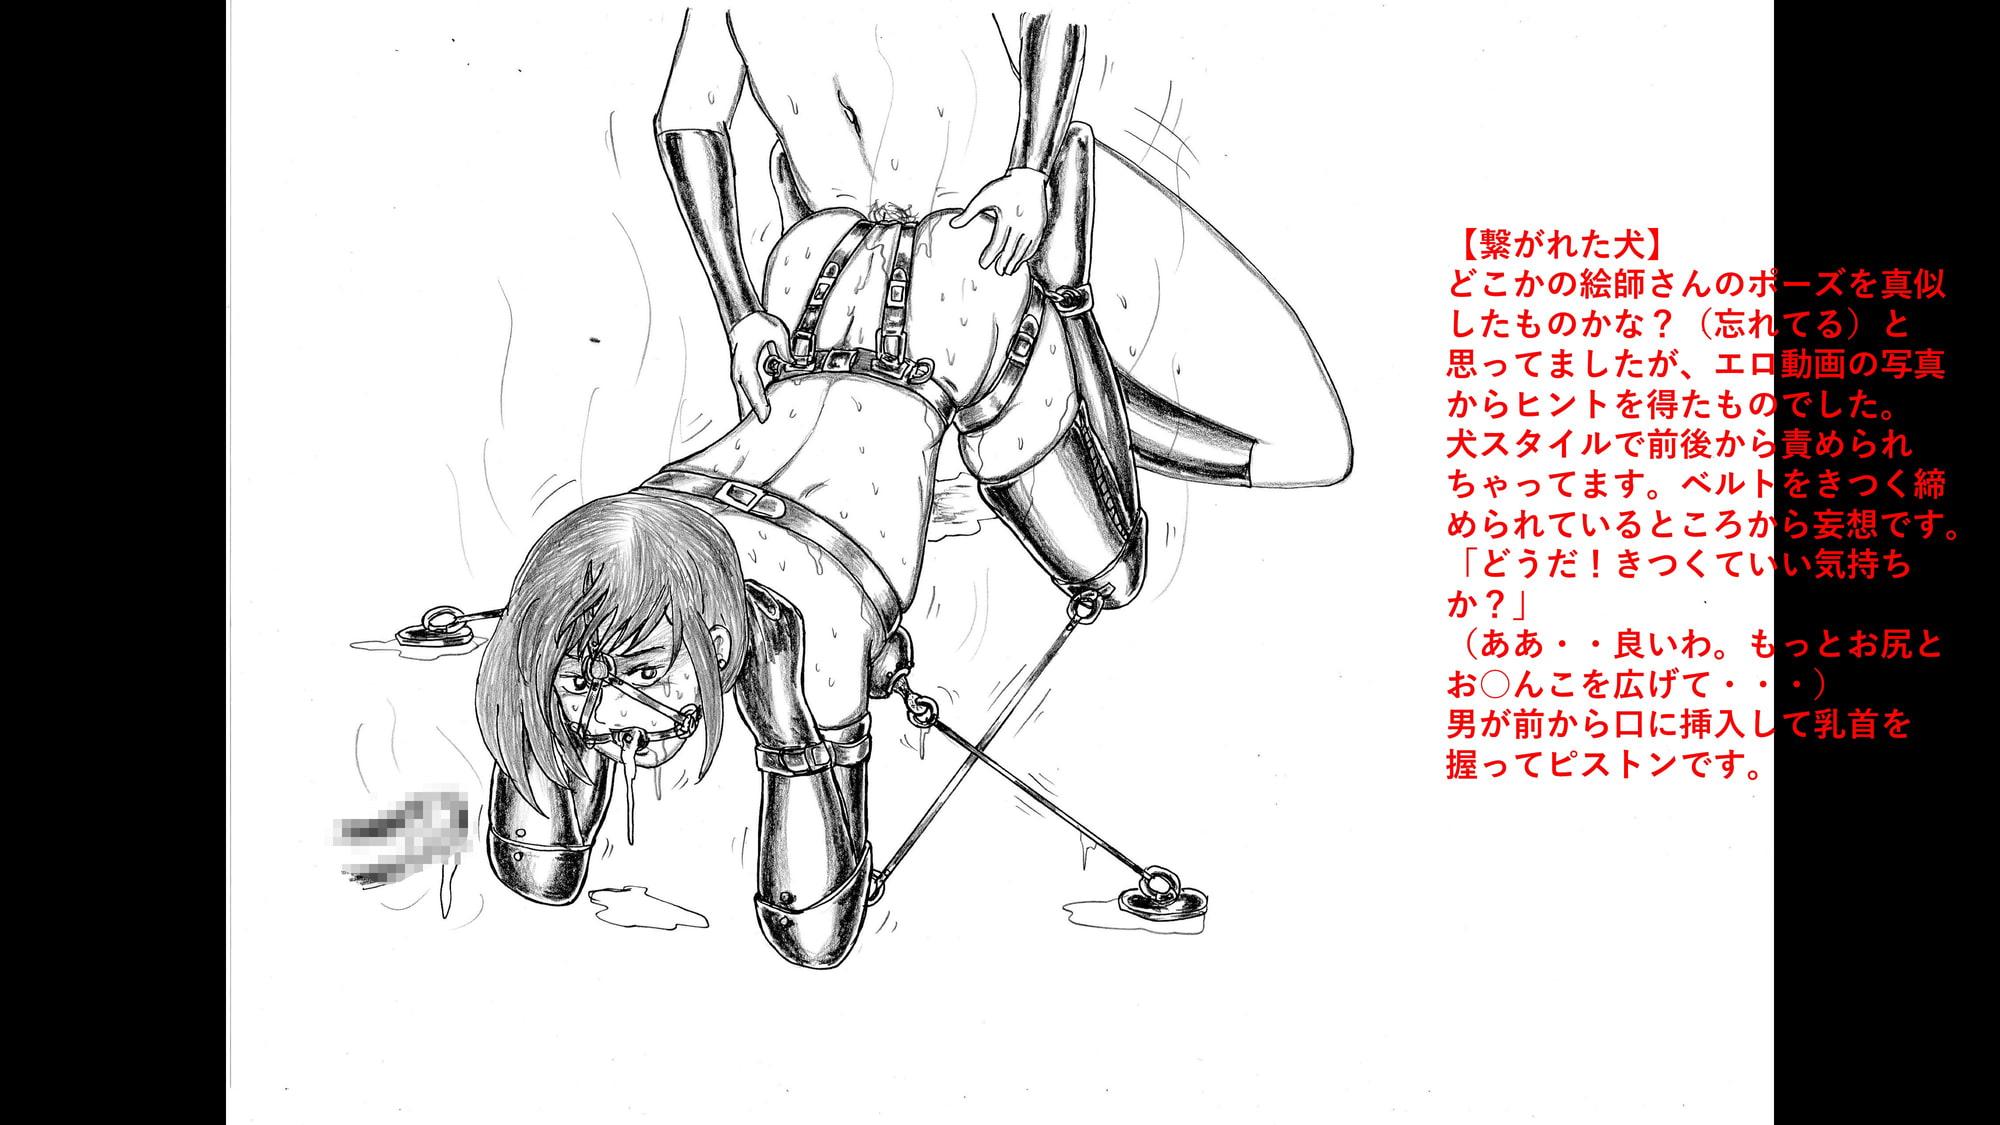 都魔子背徳SM素描・原案集5 マゾ女性編(20態)